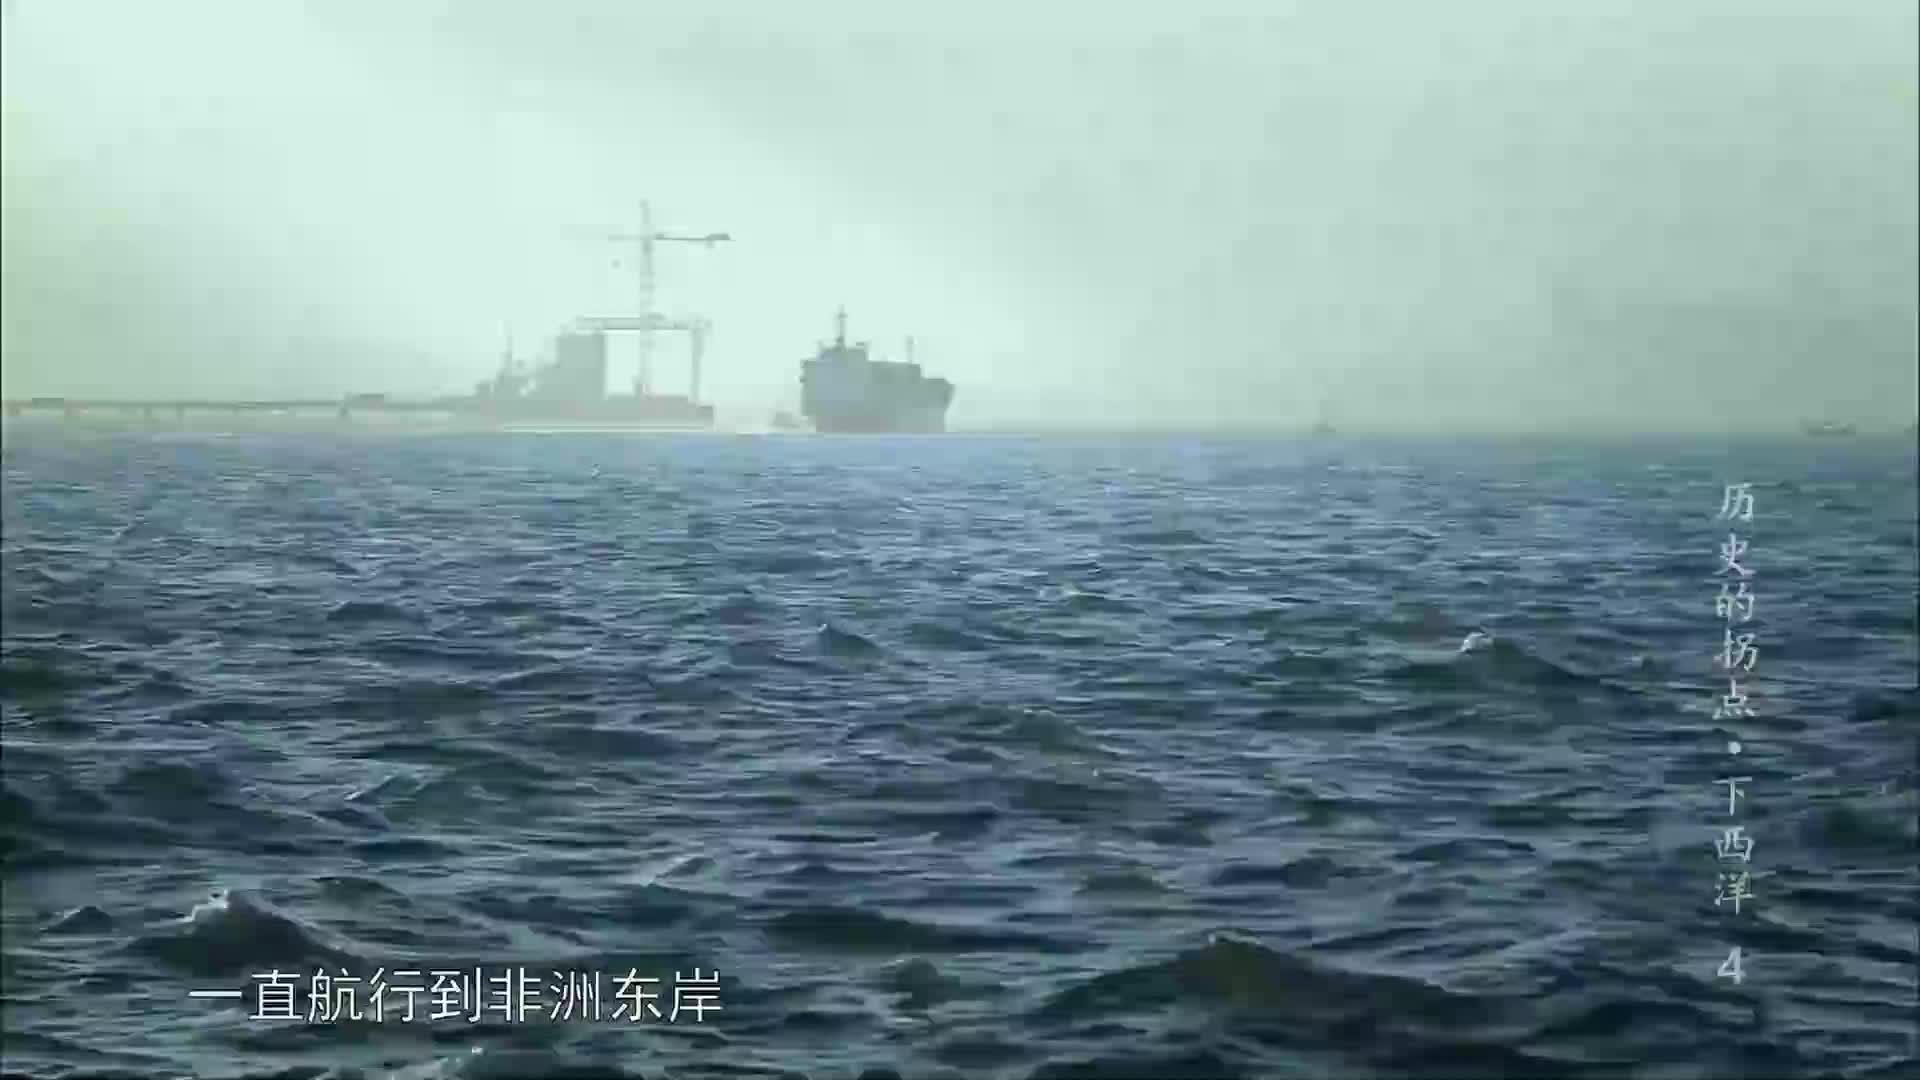 下西洋第四集(1)朱元璋开始实行海禁政策